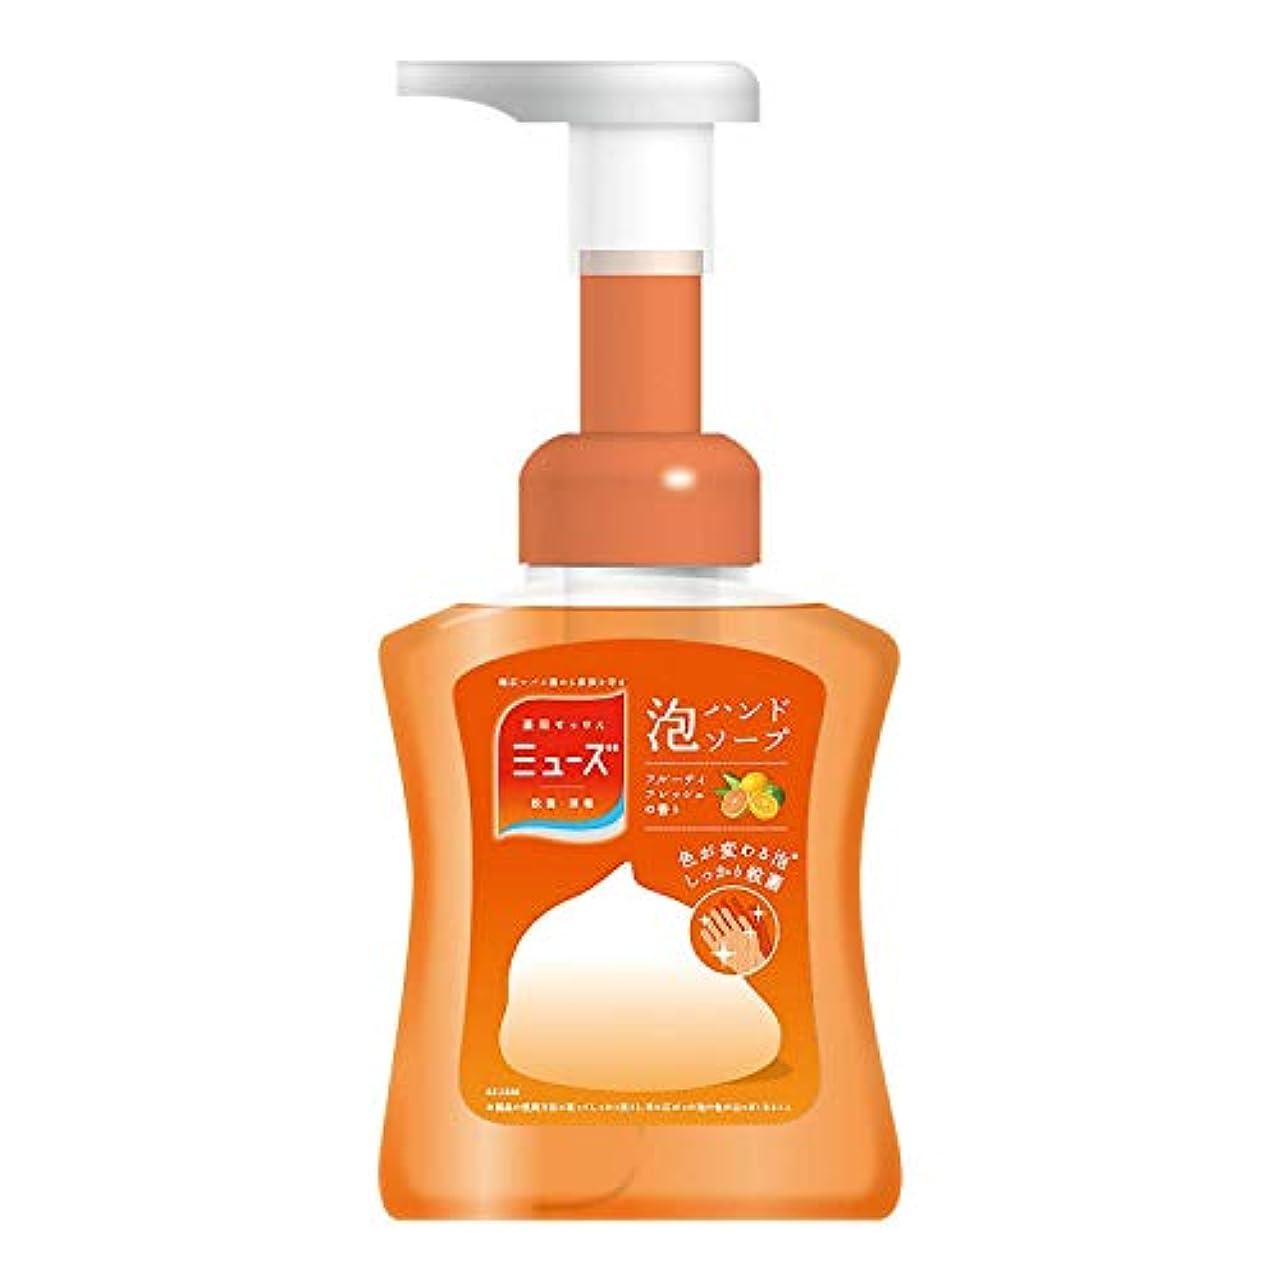 真鍮大西洋概要【医薬部外品】ミューズ 泡 ハンドソープ フルーティフレッシュの香り 色が変わる泡 本体ボトル 250ml 殺菌 消毒 手洗い 保湿成分配合